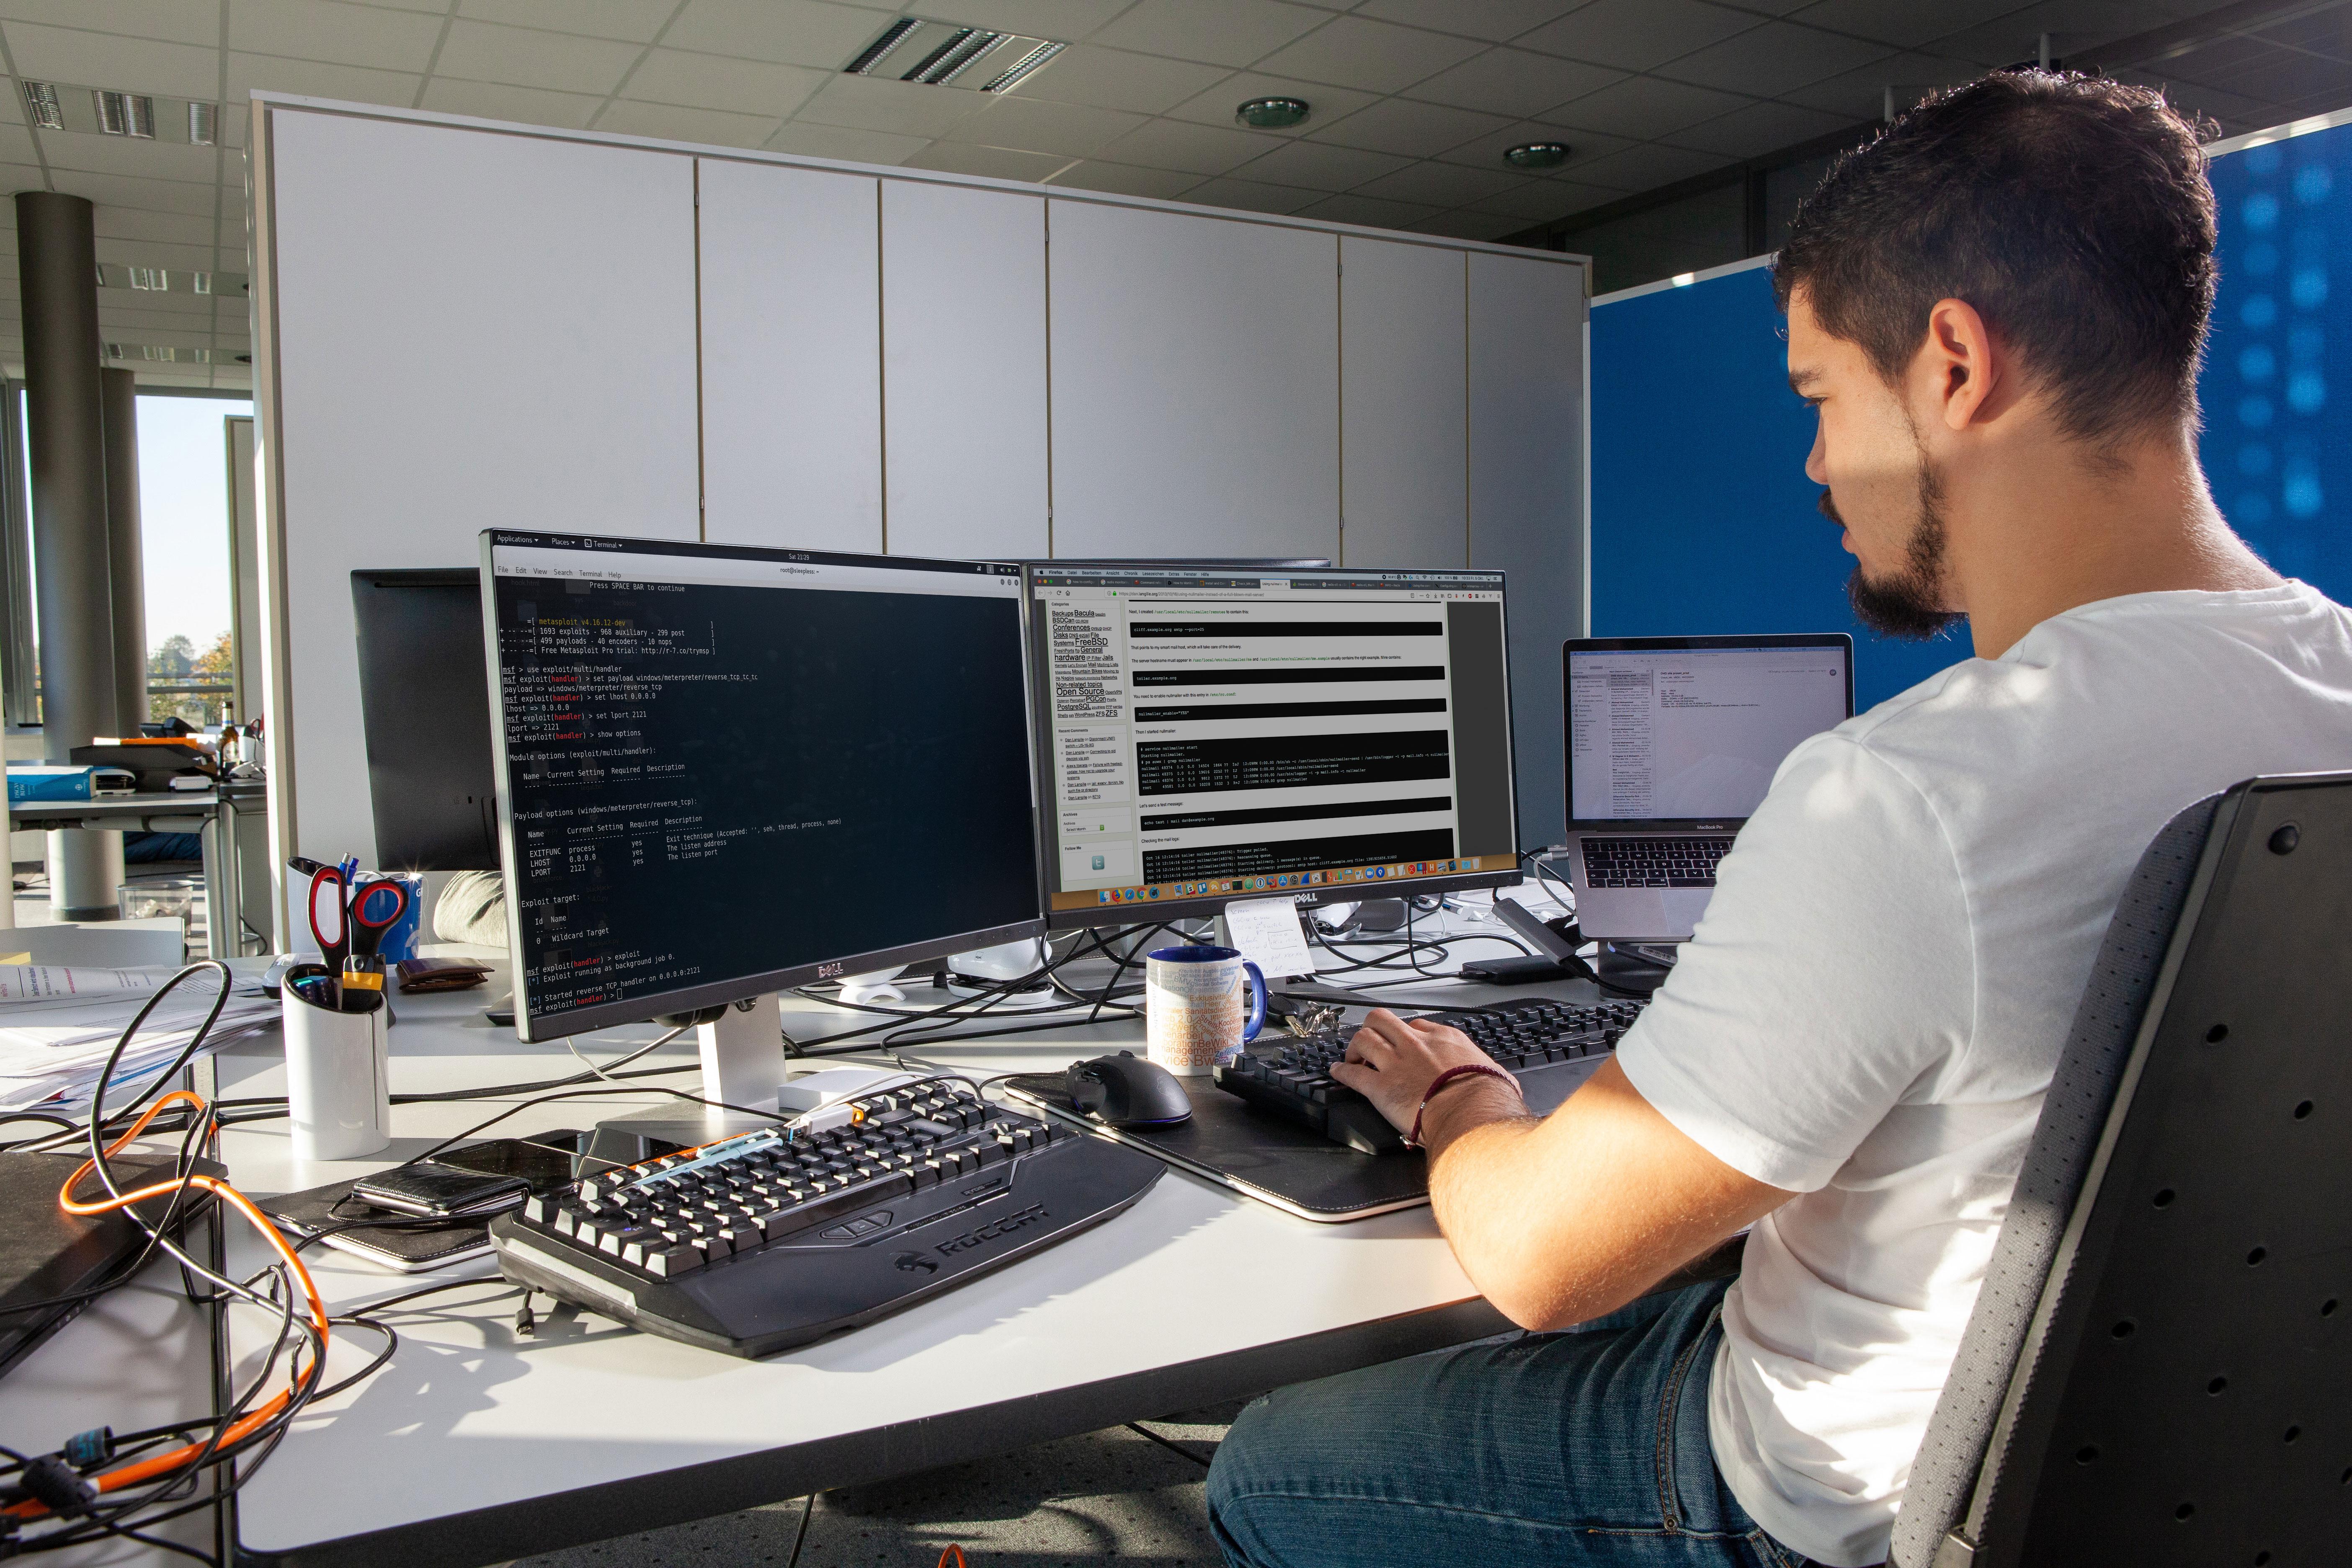 Bild eines Penetration Testers bei der Arbeit